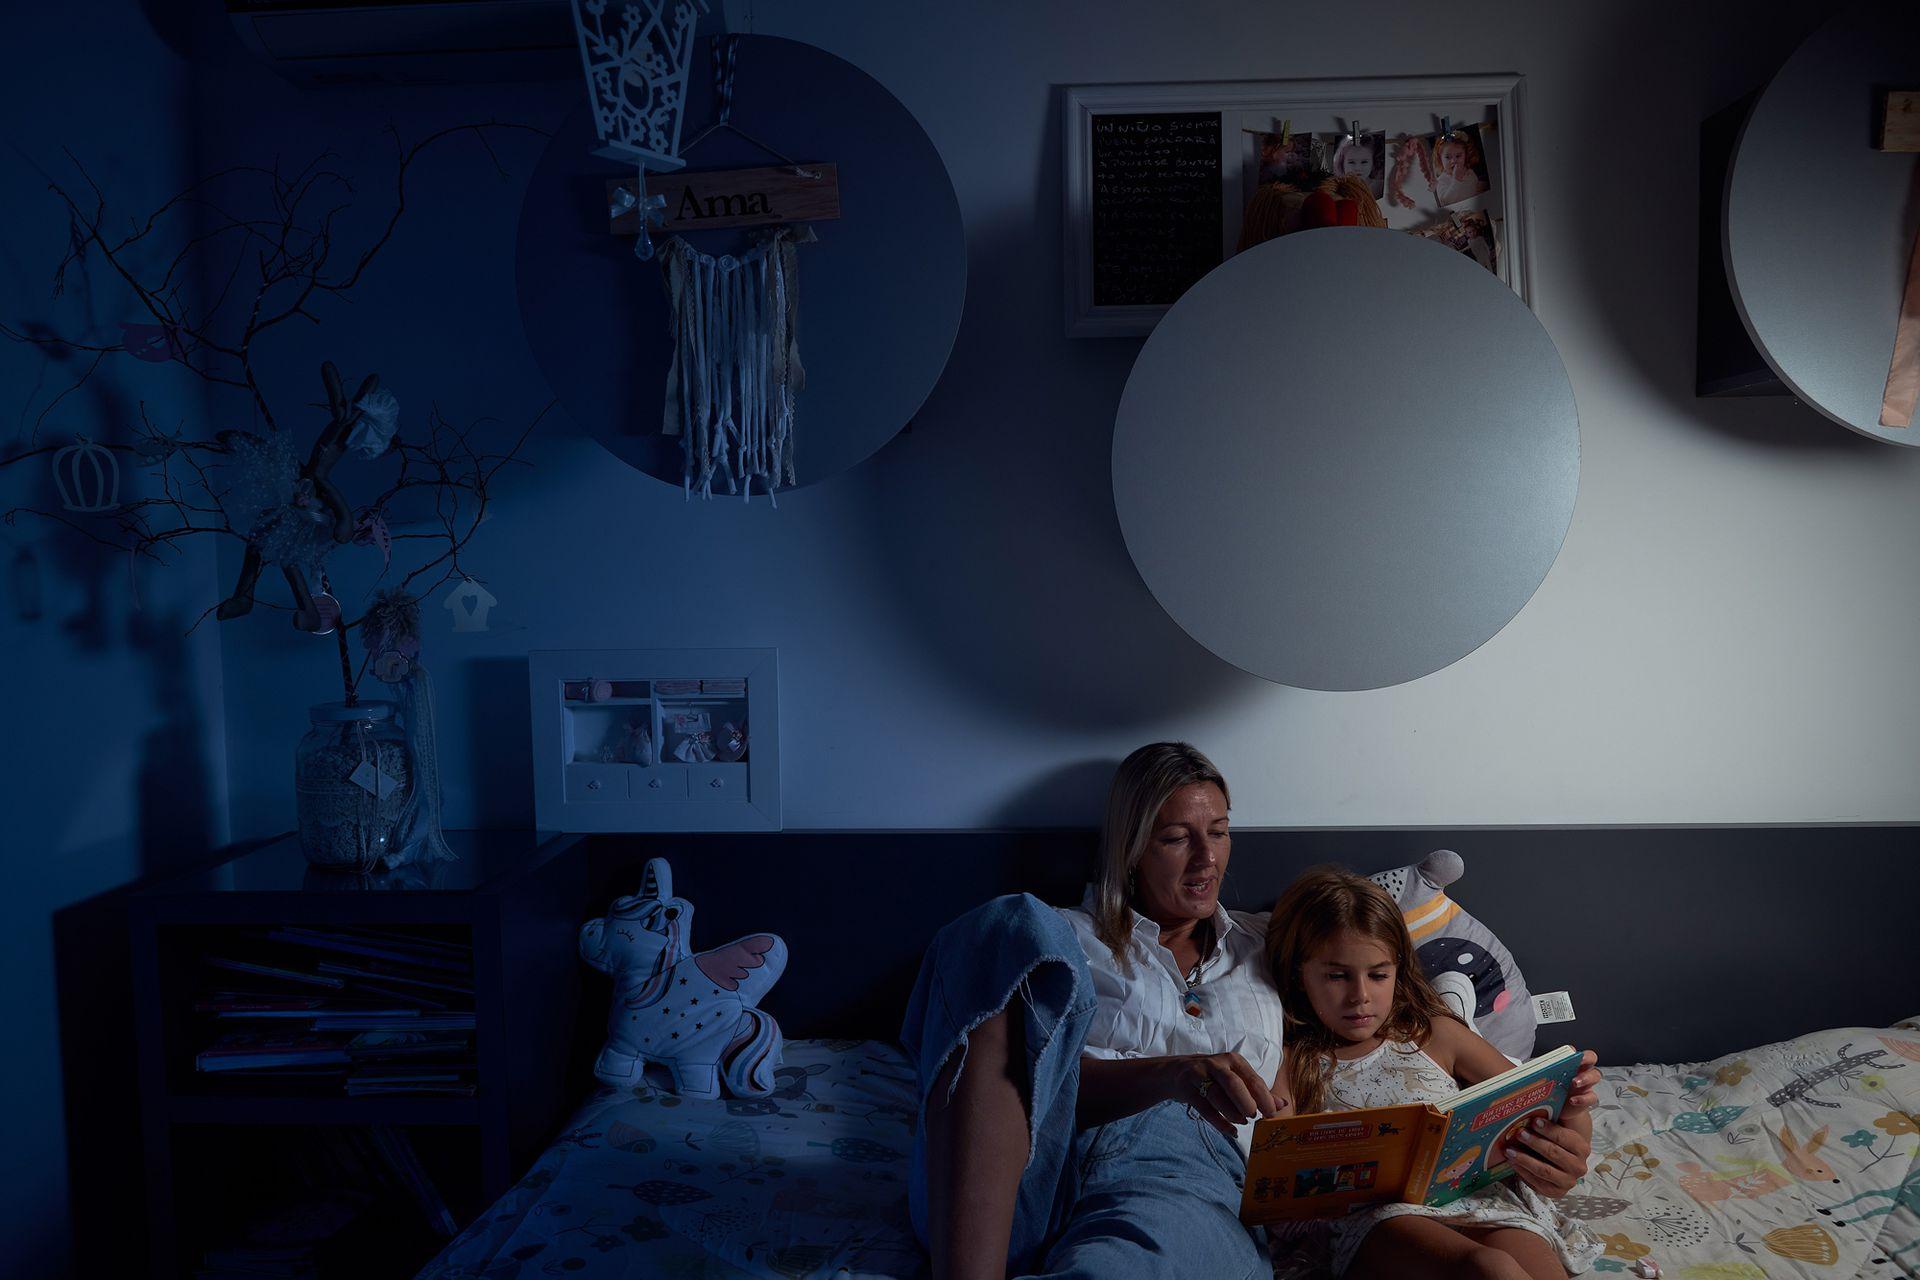 Carla Viozzi lee un cuento a su hija Faustina antes de dormir